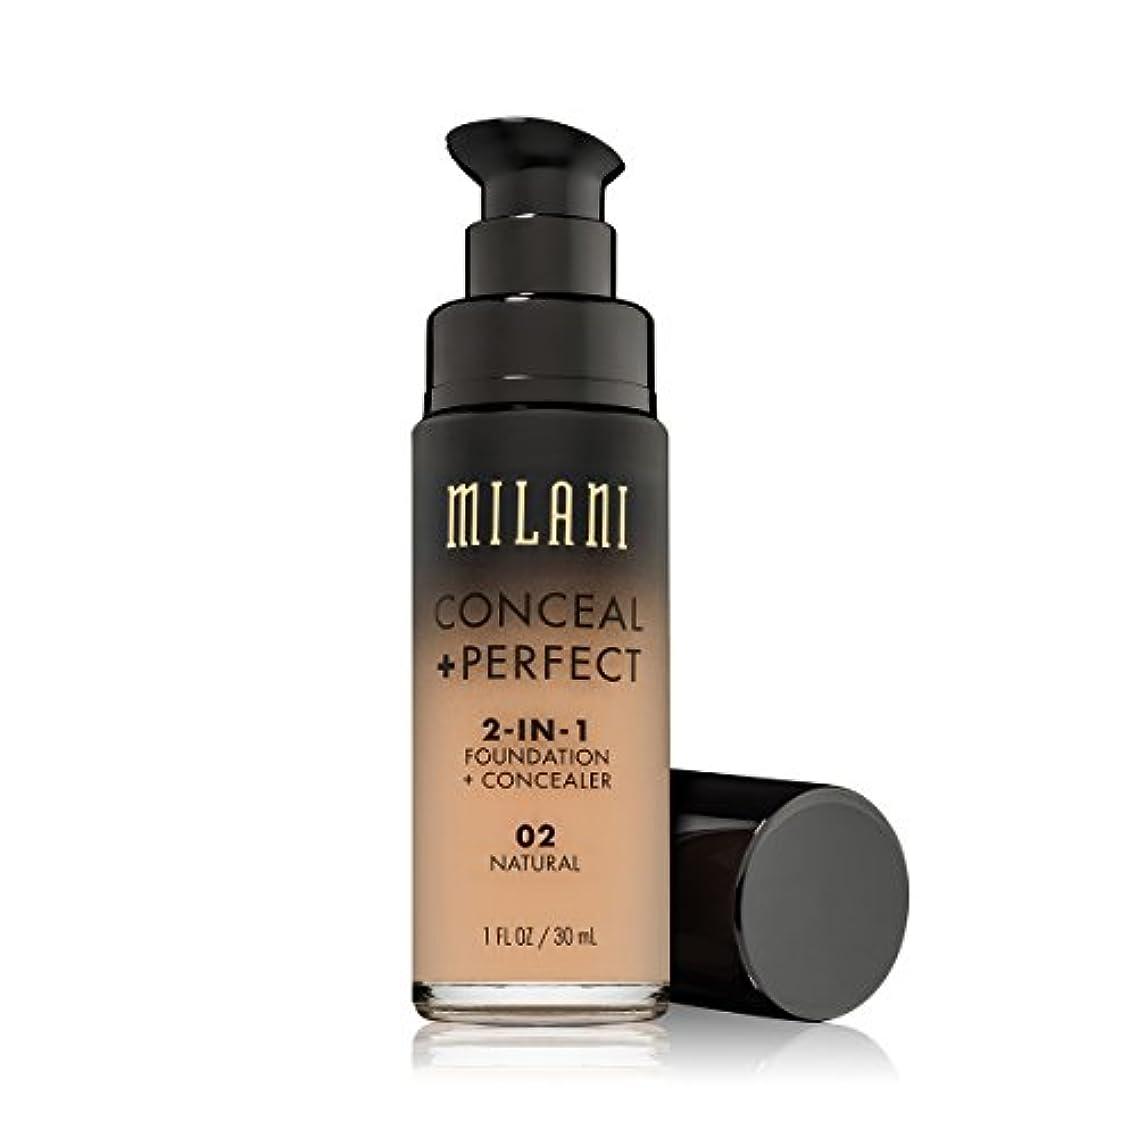 エジプト人以下宅配便MILANI Conceal + Perfect 2-In-1 Foundation + Concealer - Natural (並行輸入品)